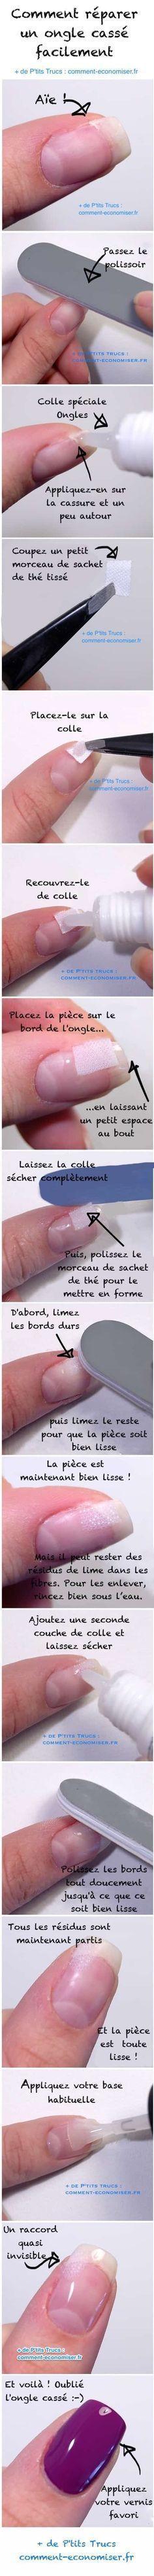 Tendance Vernis : Il existe une astuce simple pour réparer vous-même votre ongle cassé. En plus